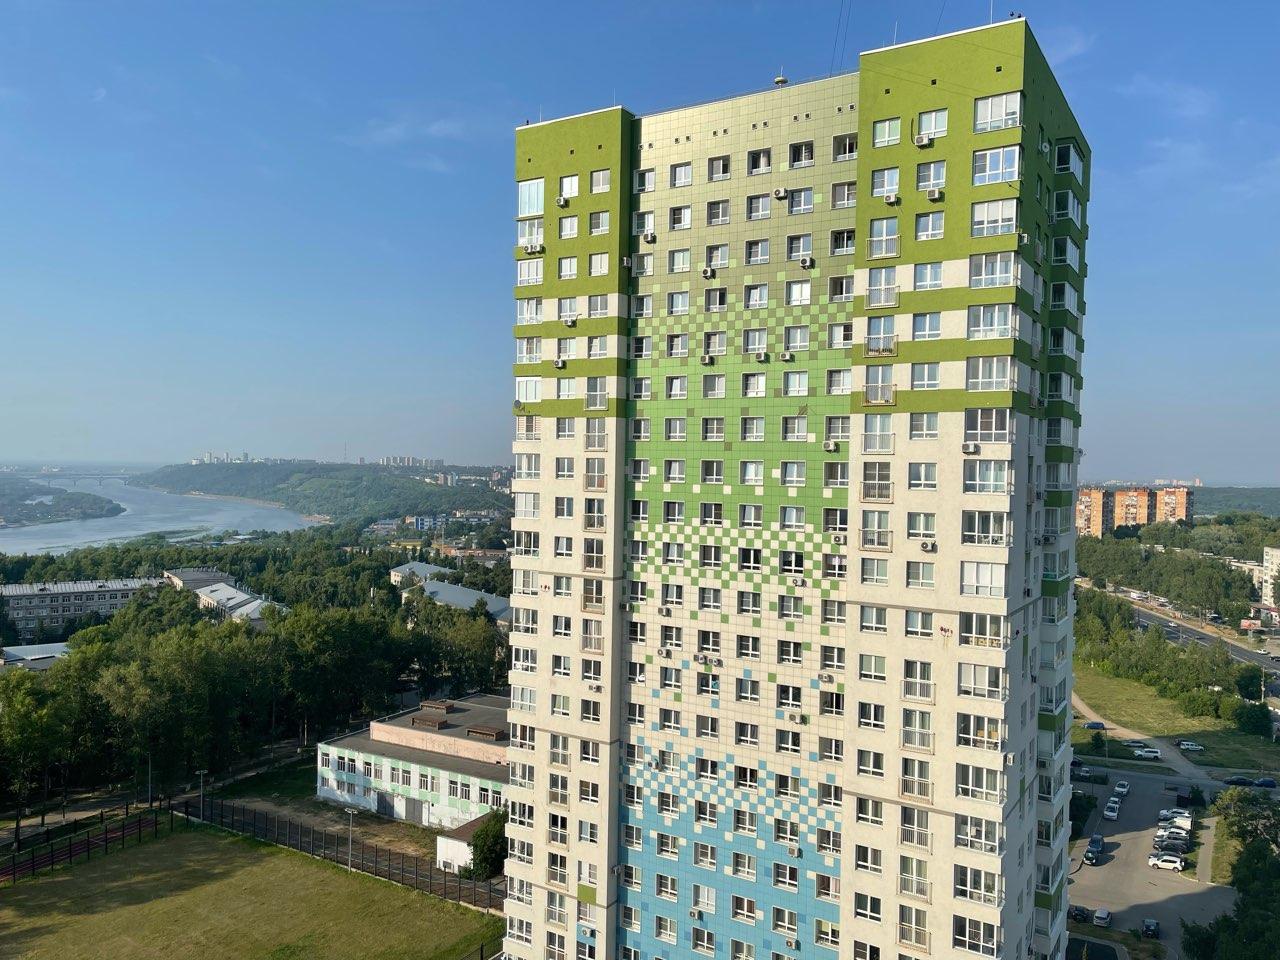 Цены на квартиры в новостройках Нижнего Новгорода начали снижаться - фото 1